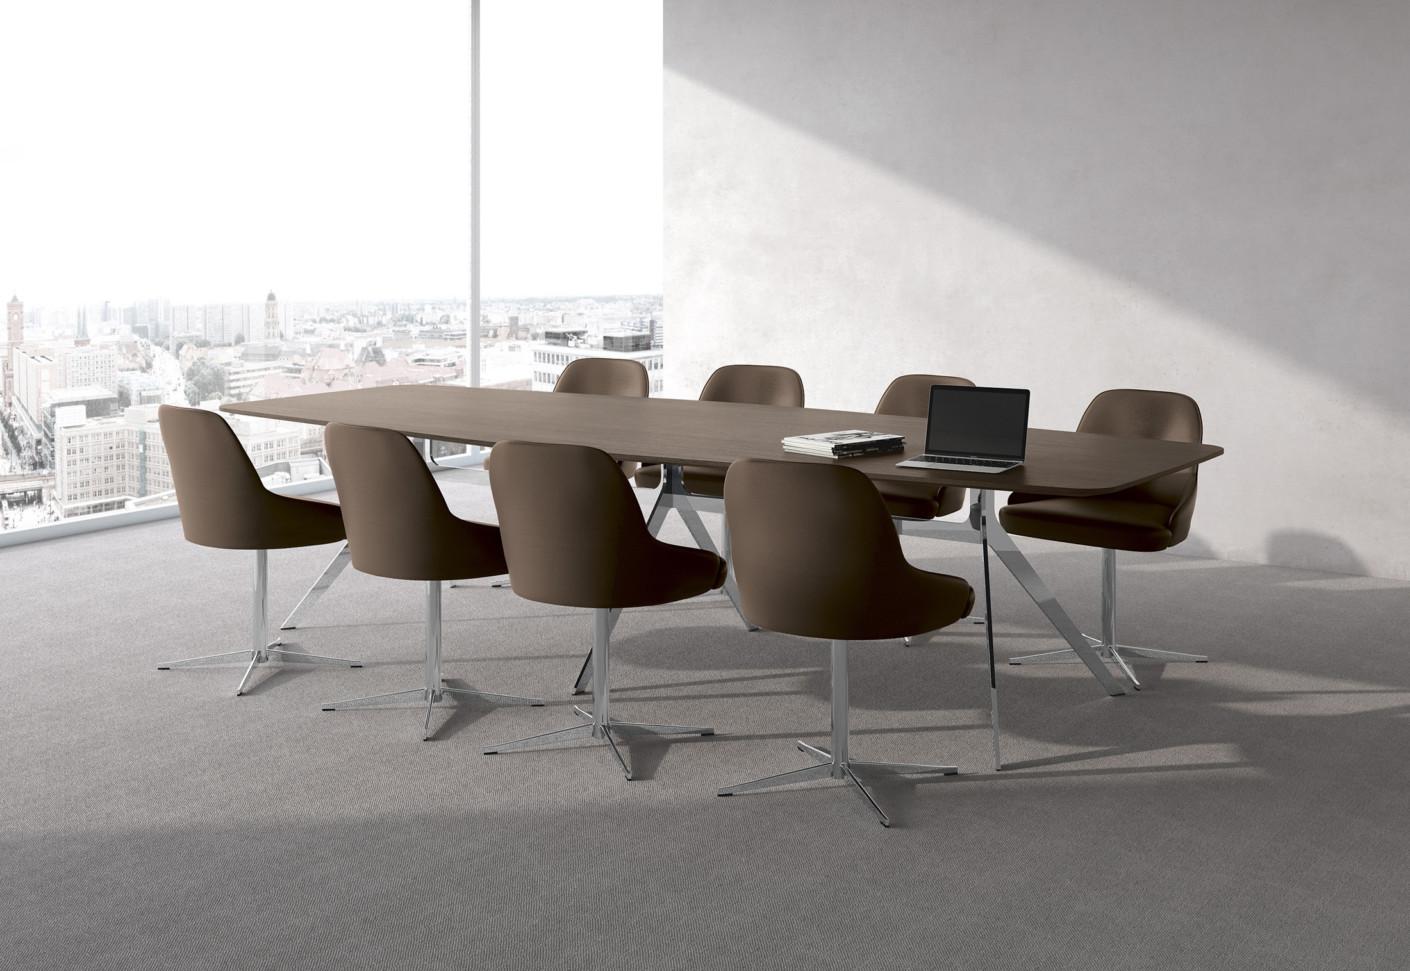 Star konferenztisch von renz stylepark for Konferenztisch design